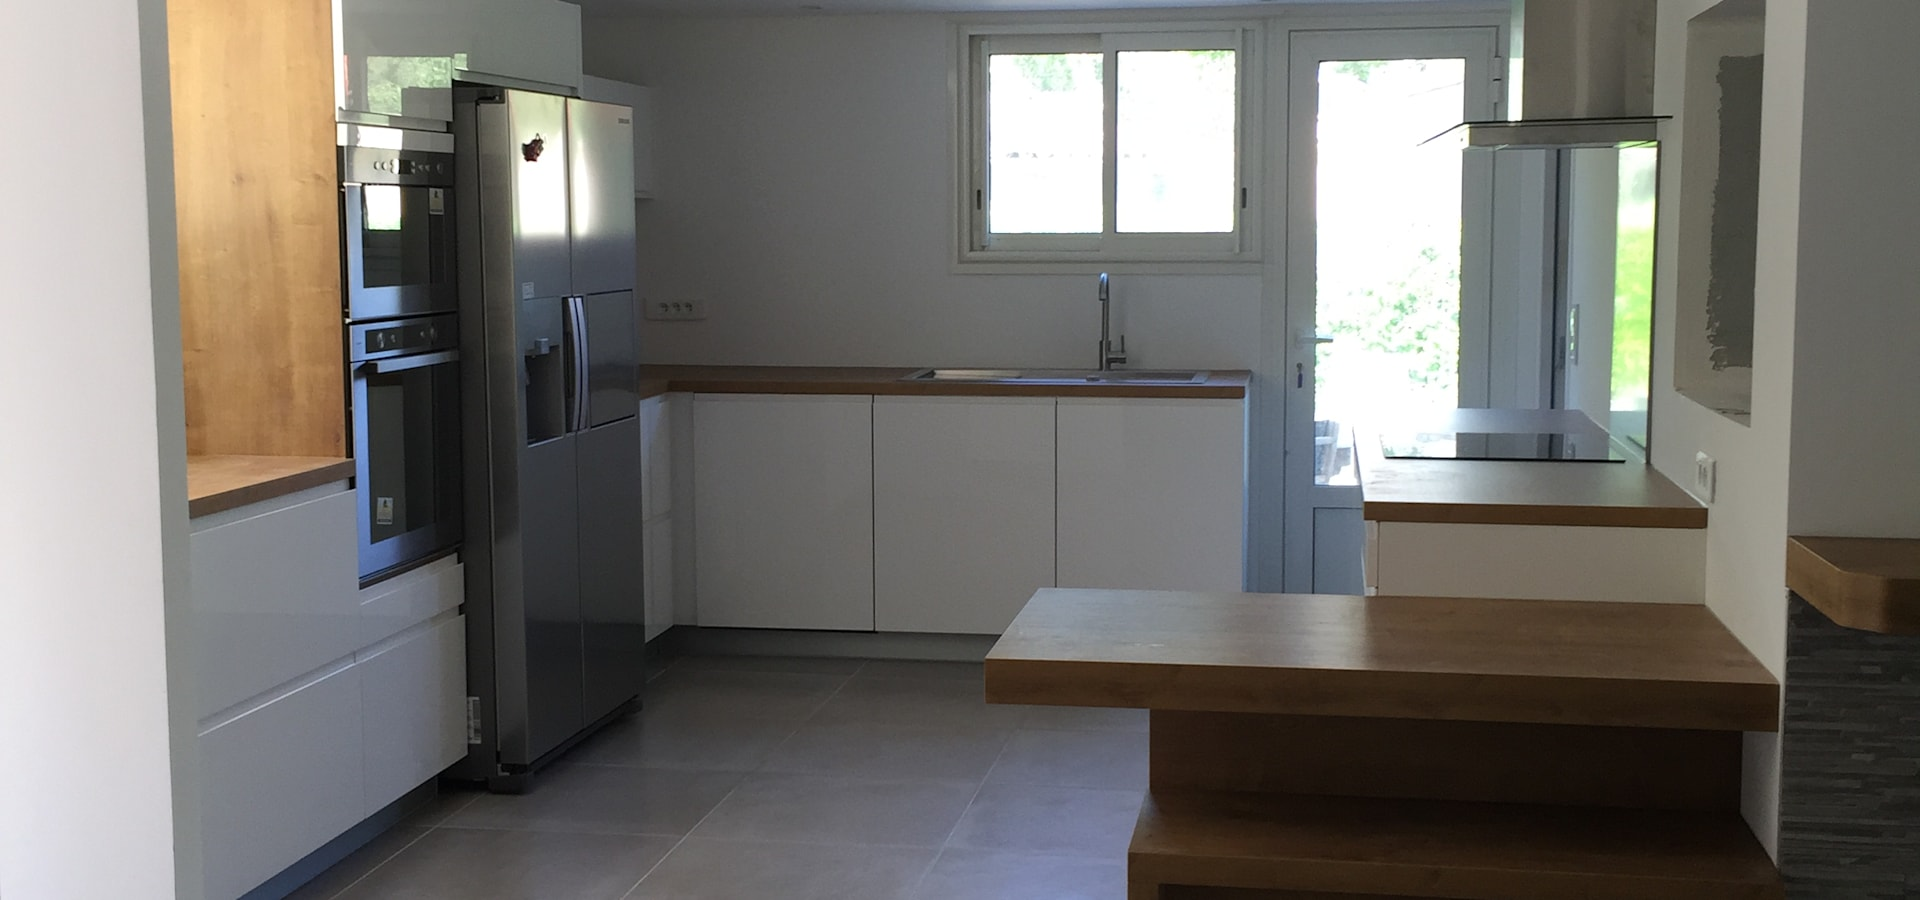 espace decoration cuisinistes marseille sur homify. Black Bedroom Furniture Sets. Home Design Ideas